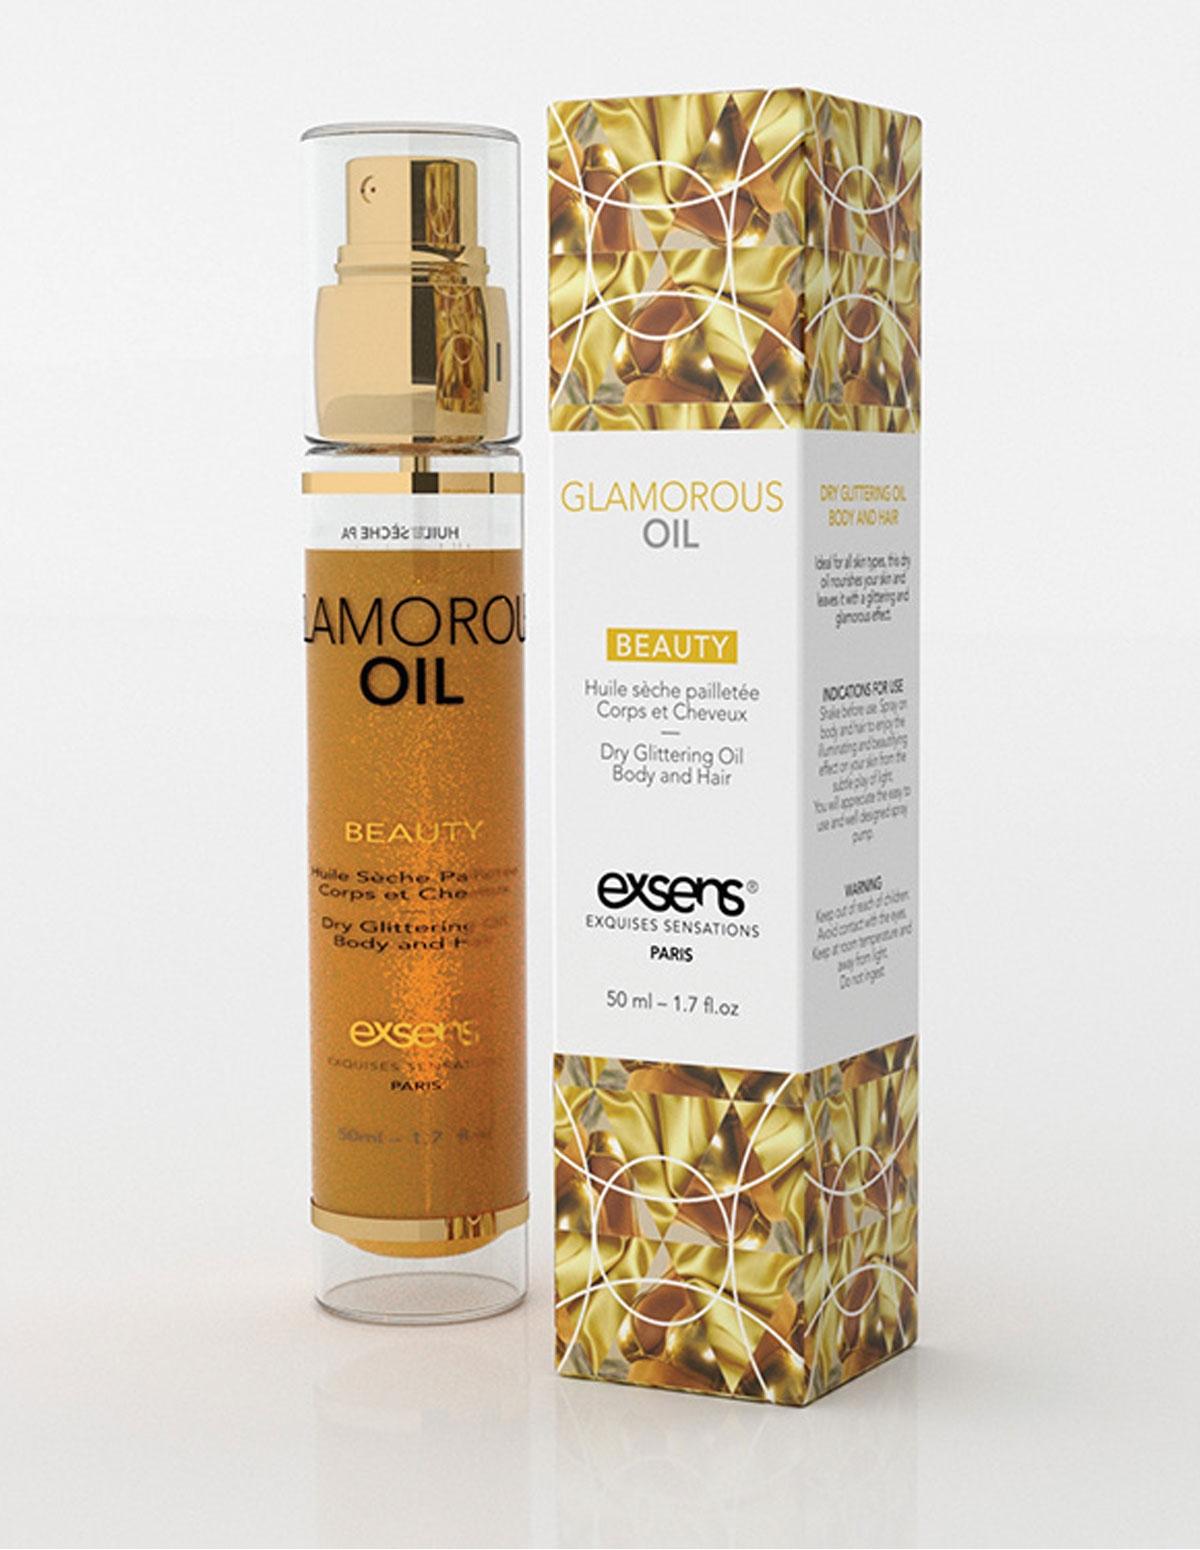 Exsens Glam Dry Glittering Oil